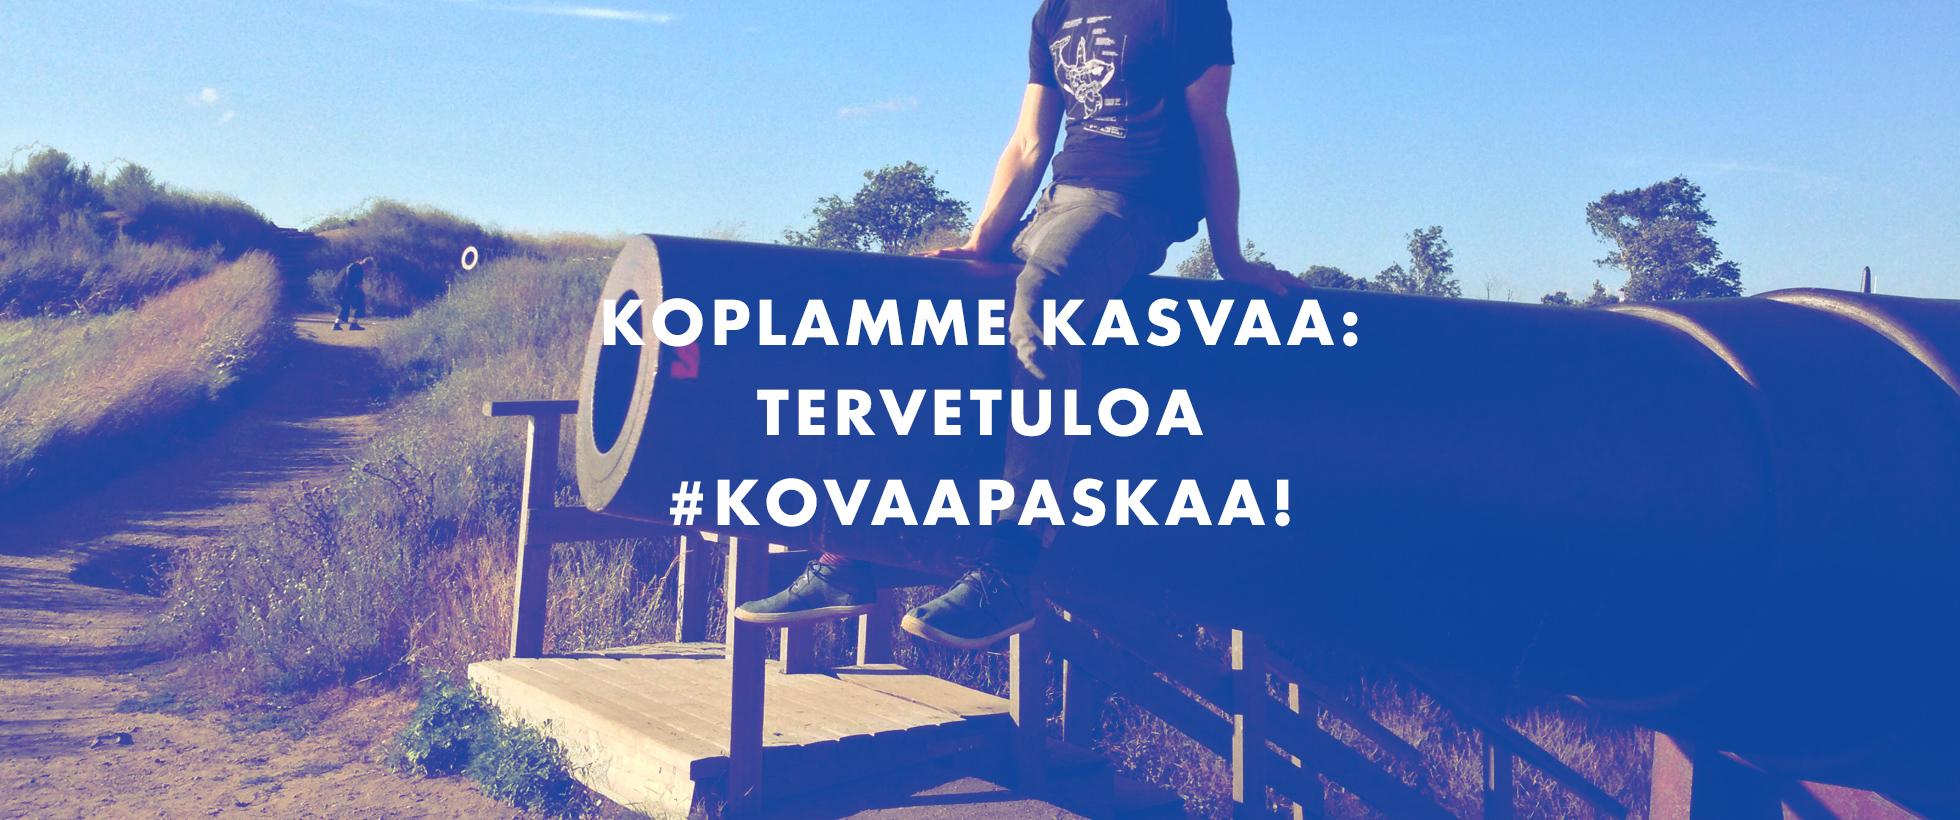 Tervetuloa #KOVAAPASKAA